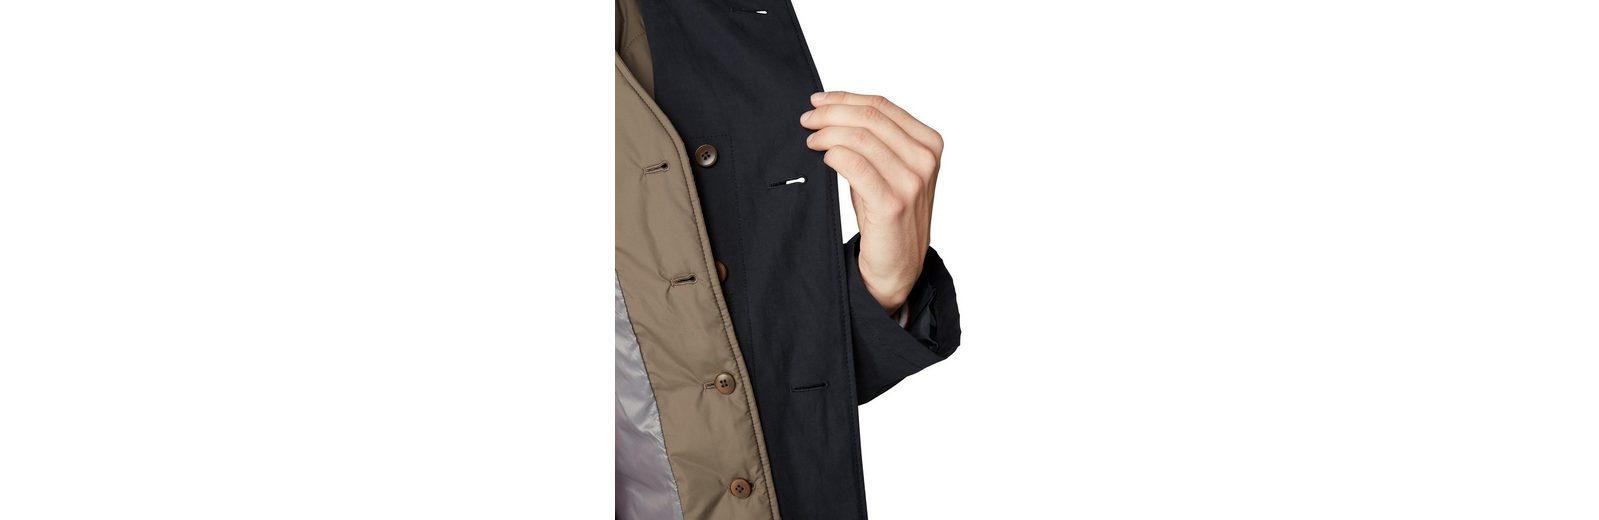 Vermarktbare Verkauf Online Online Speichern Marc O'Polo Strickmantel Spielraum Offiziellen Kaufen Angebot Billig Einkaufen Hwi8t